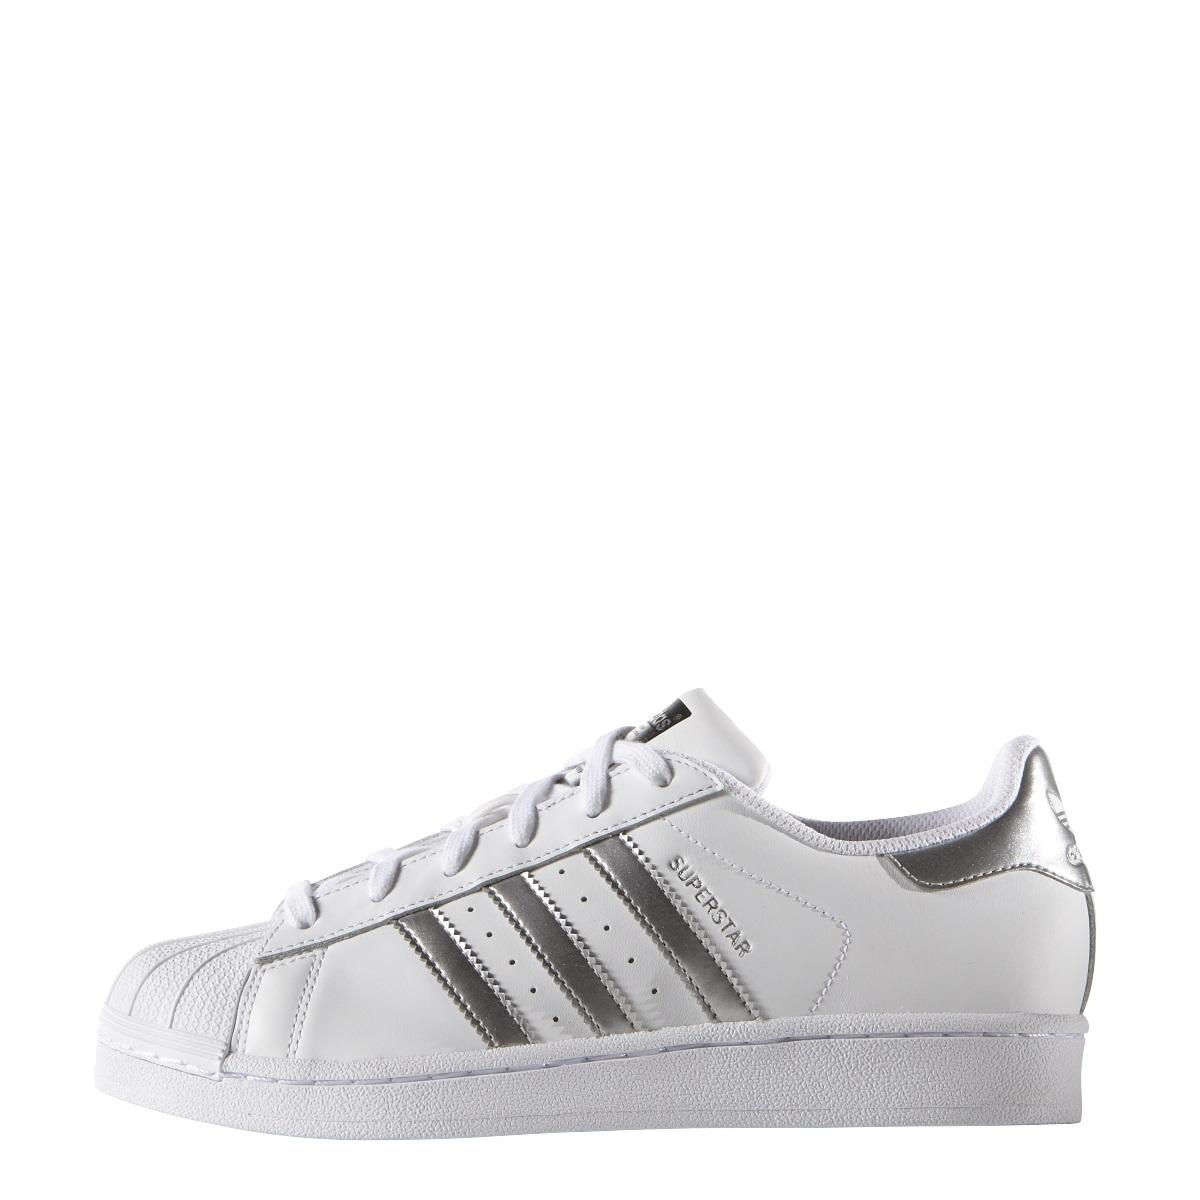 Damen Silber Adidas Modeschuhe Originals Superstar Sneaker Weiß Pqw1Zq